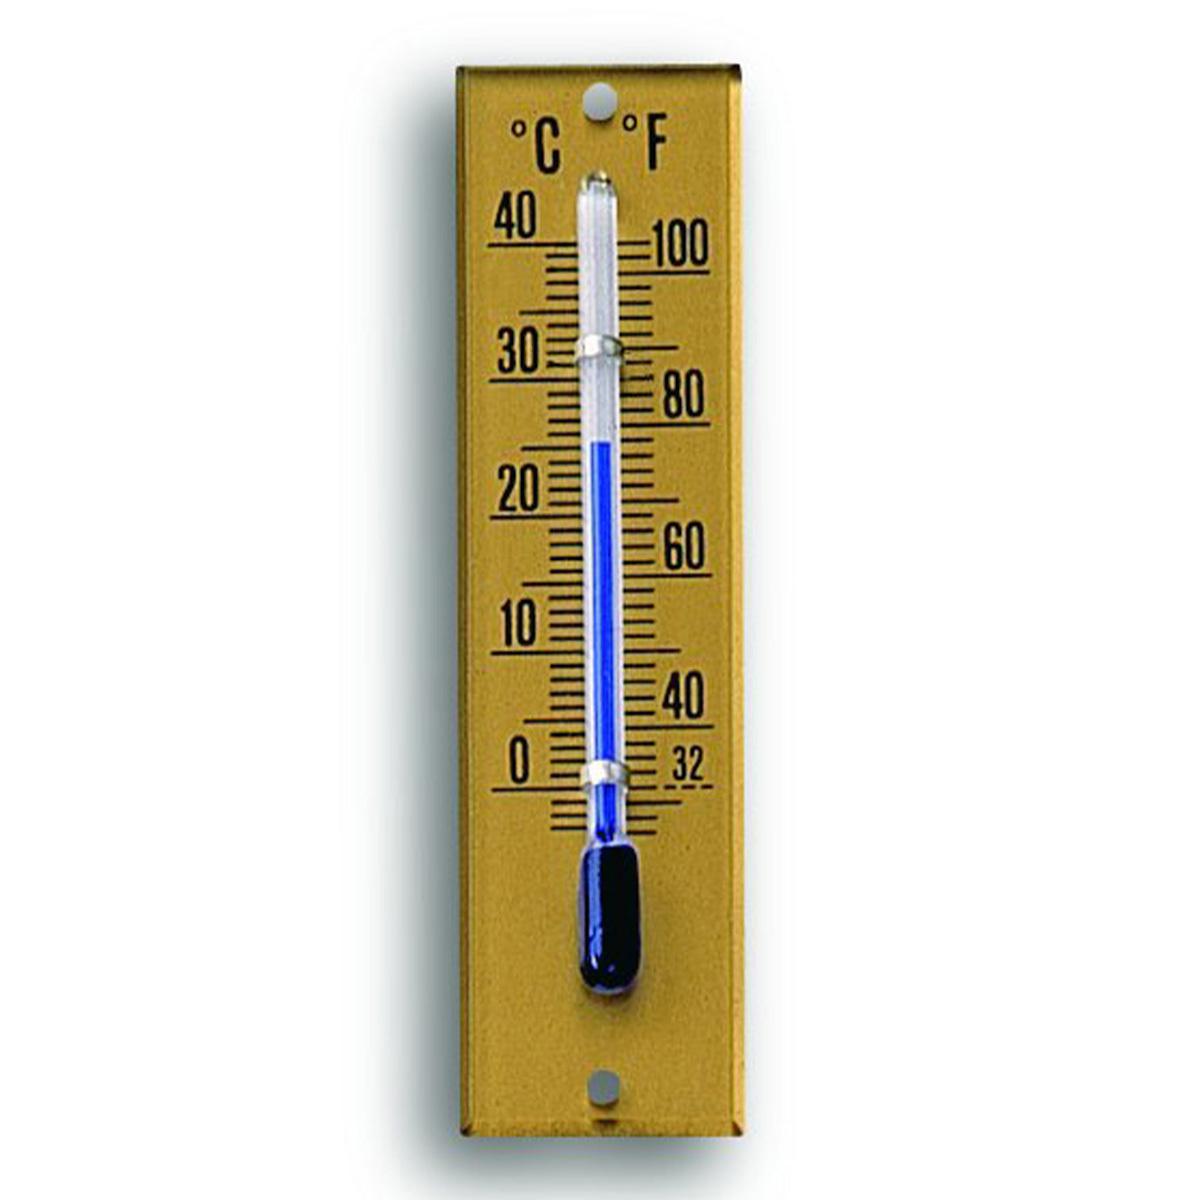 K1-100511-analoges-aufschraubthermometer-1200x1200px.jpg